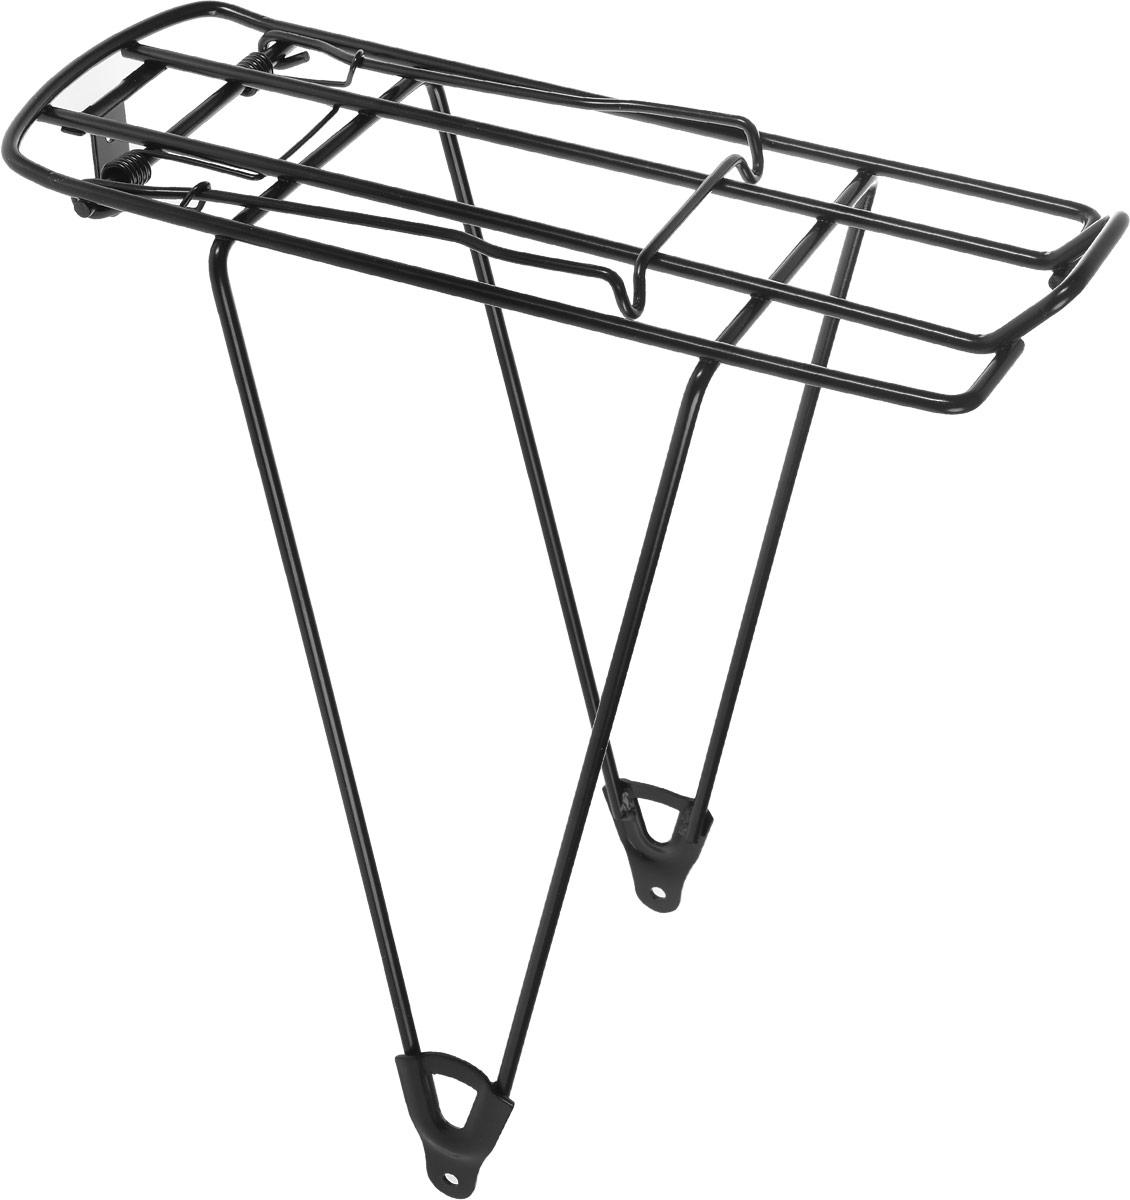 Багажник велосипедный Stern. CCAR-1NCCAR-1N.Велосипедный багажник Stern выполнен из высококачественного металла. Крепится изделие на колесо. Предназначен багажник для моделей с размером колес 26. В комплект входят крепления. Размер багажника: 35 х 13,5 х 39 см.